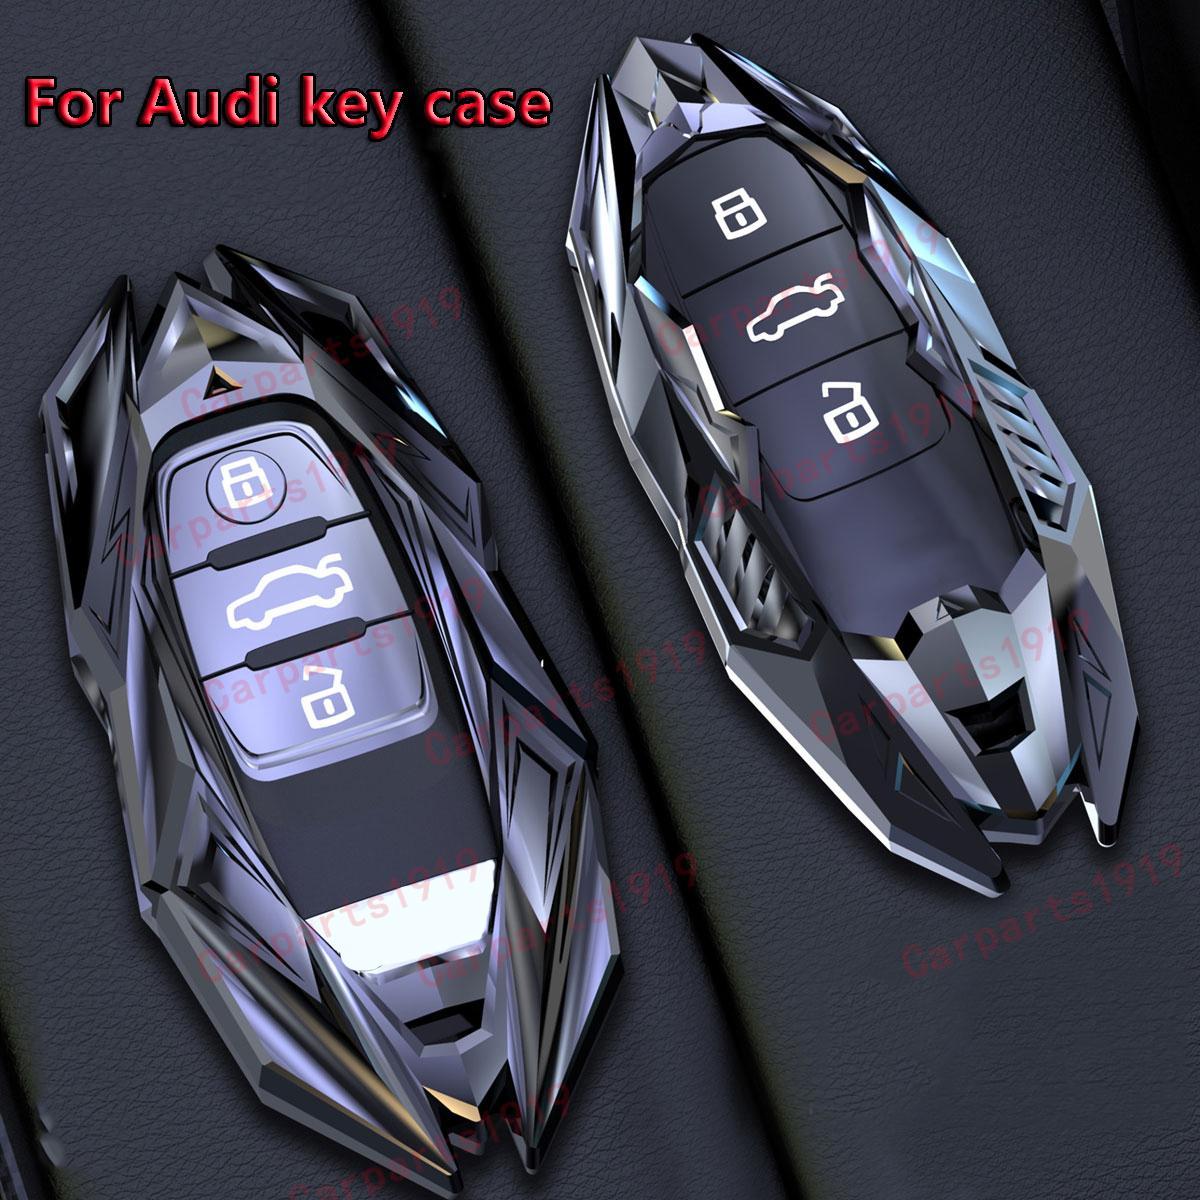 سيارة مفتاح القضية غطاء قذيفة فوب ل أودي A1 A3 Q2L Q3 S3 S5 S6 R8 TT TTS 2020 Q7 Q5 A6 A4 A4L Q5L A5 A6L A7 A8 Q8 S4 S8 الملحقات